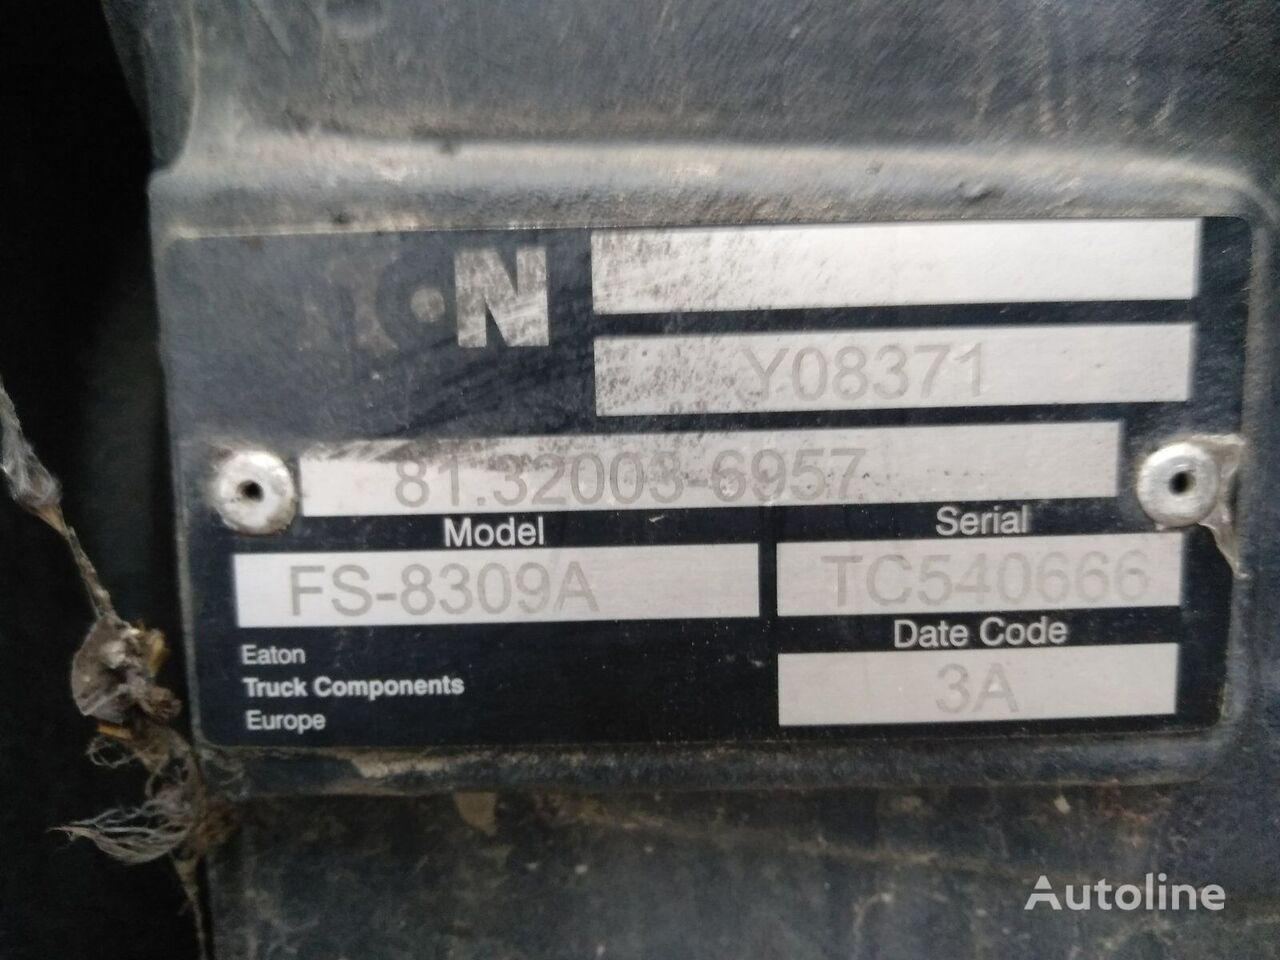 EATON korobka peredach FS-8309A caja de cambios para MAN TGL 12.240 8.240  camión